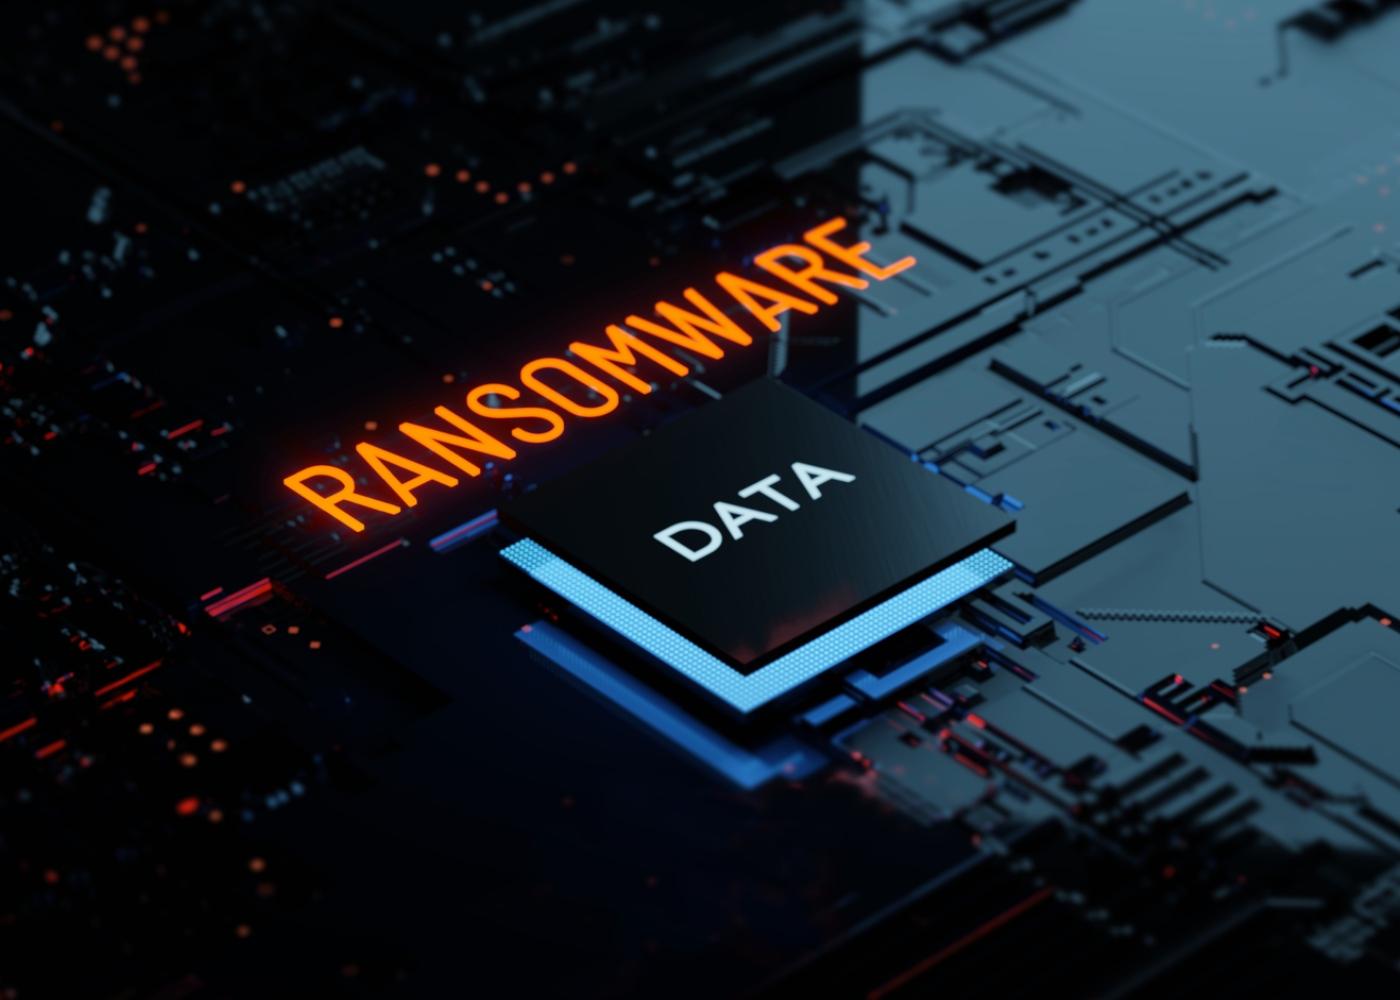 Sistema a alertar para ataques de ransomware